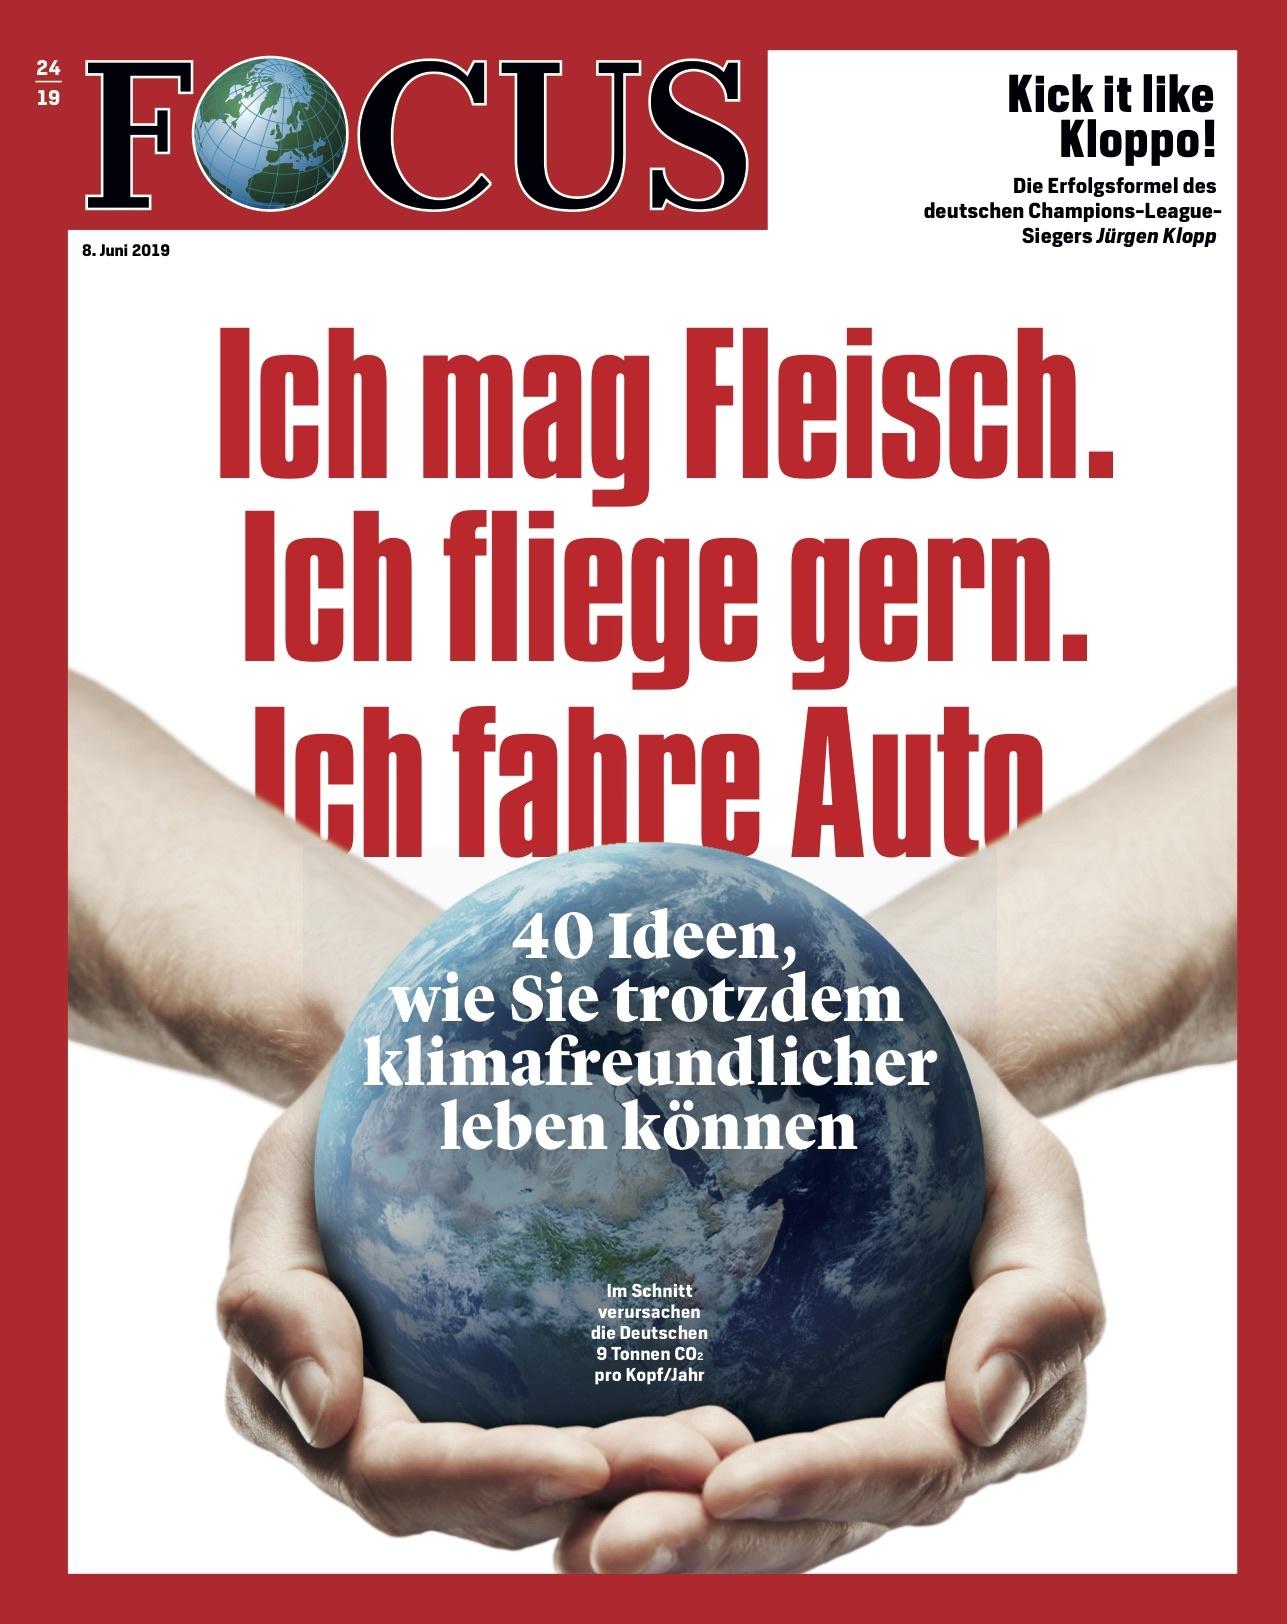 FOCUS FOCUS Magazin - Ich mag Fleisch. Ich fliege gern. Ich fahre Auto.